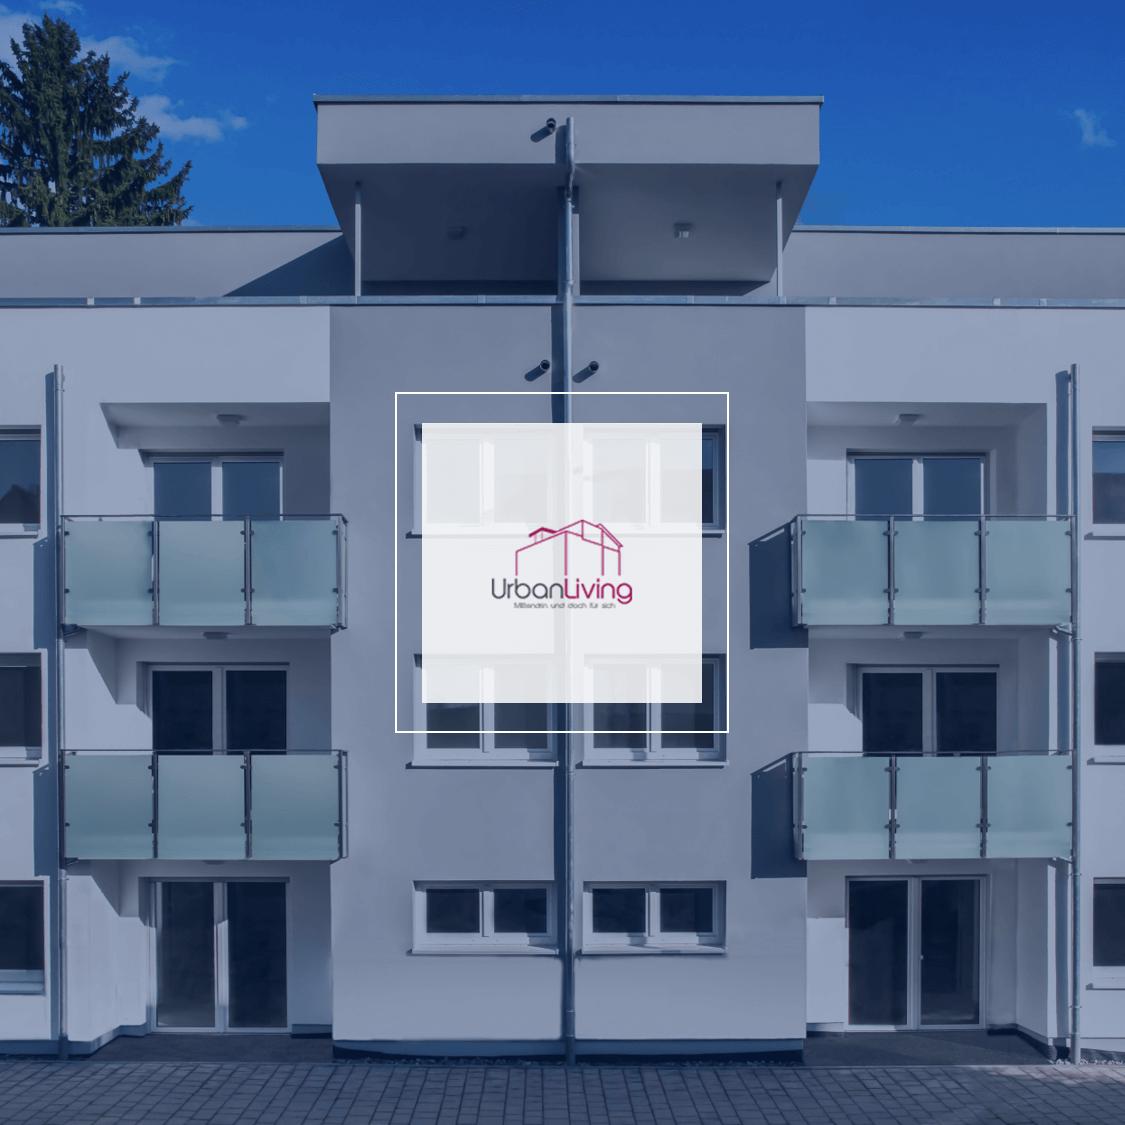 Projekt Urban Living